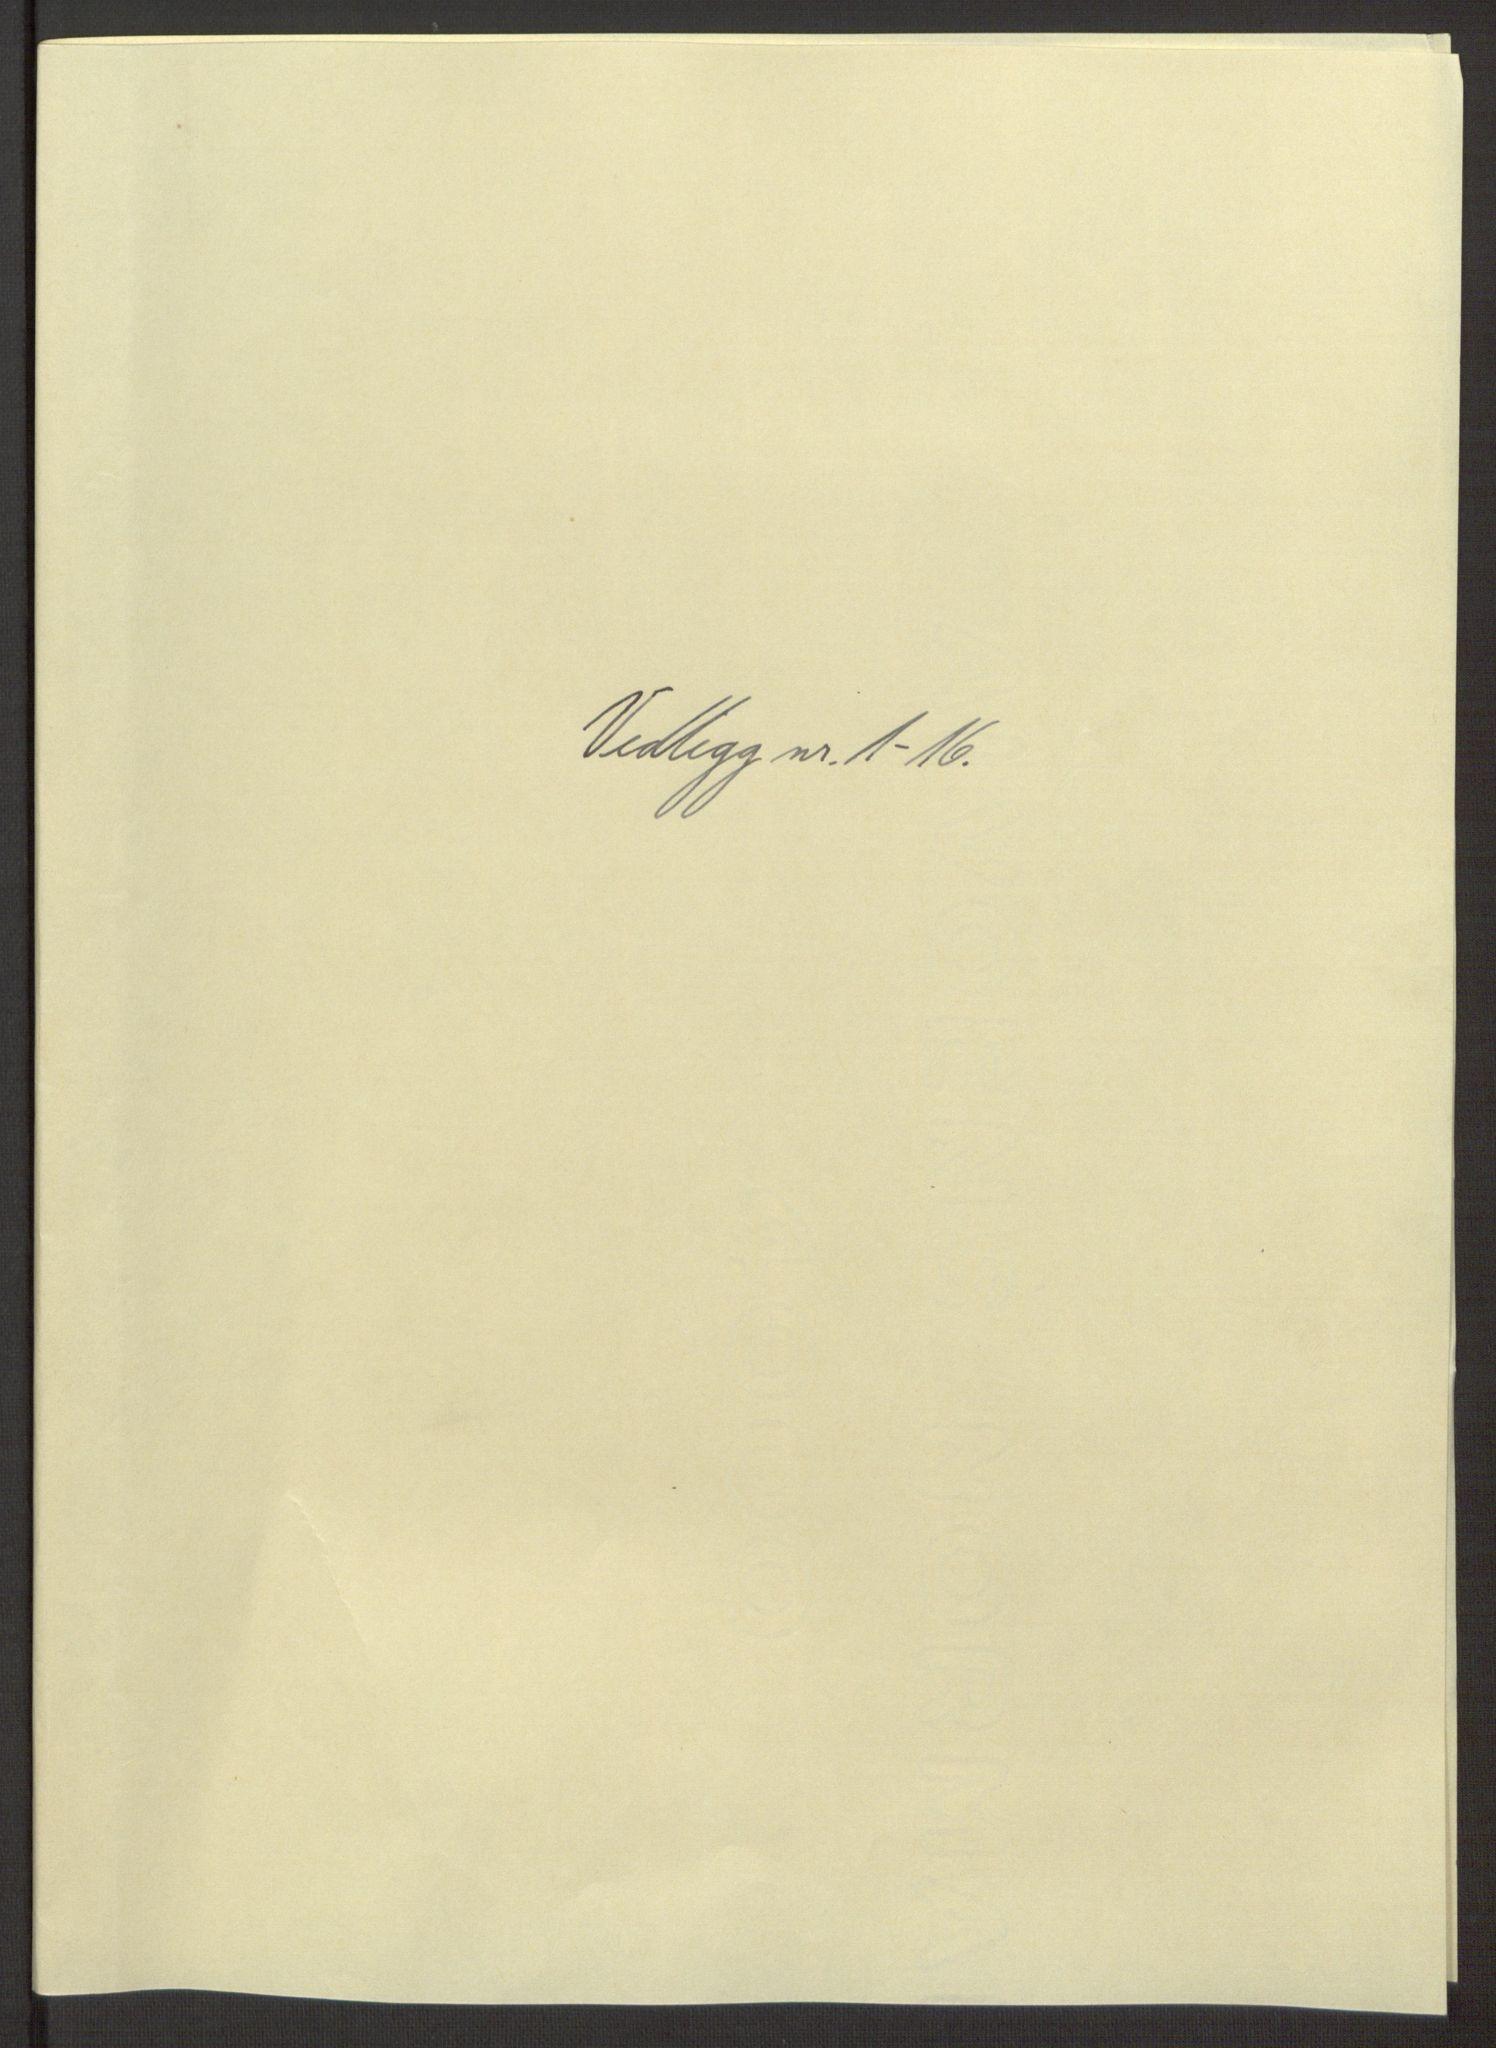 RA, Rentekammeret inntil 1814, Reviderte regnskaper, Fogderegnskap, R58/L3938: Fogderegnskap Orkdal, 1693, s. 178